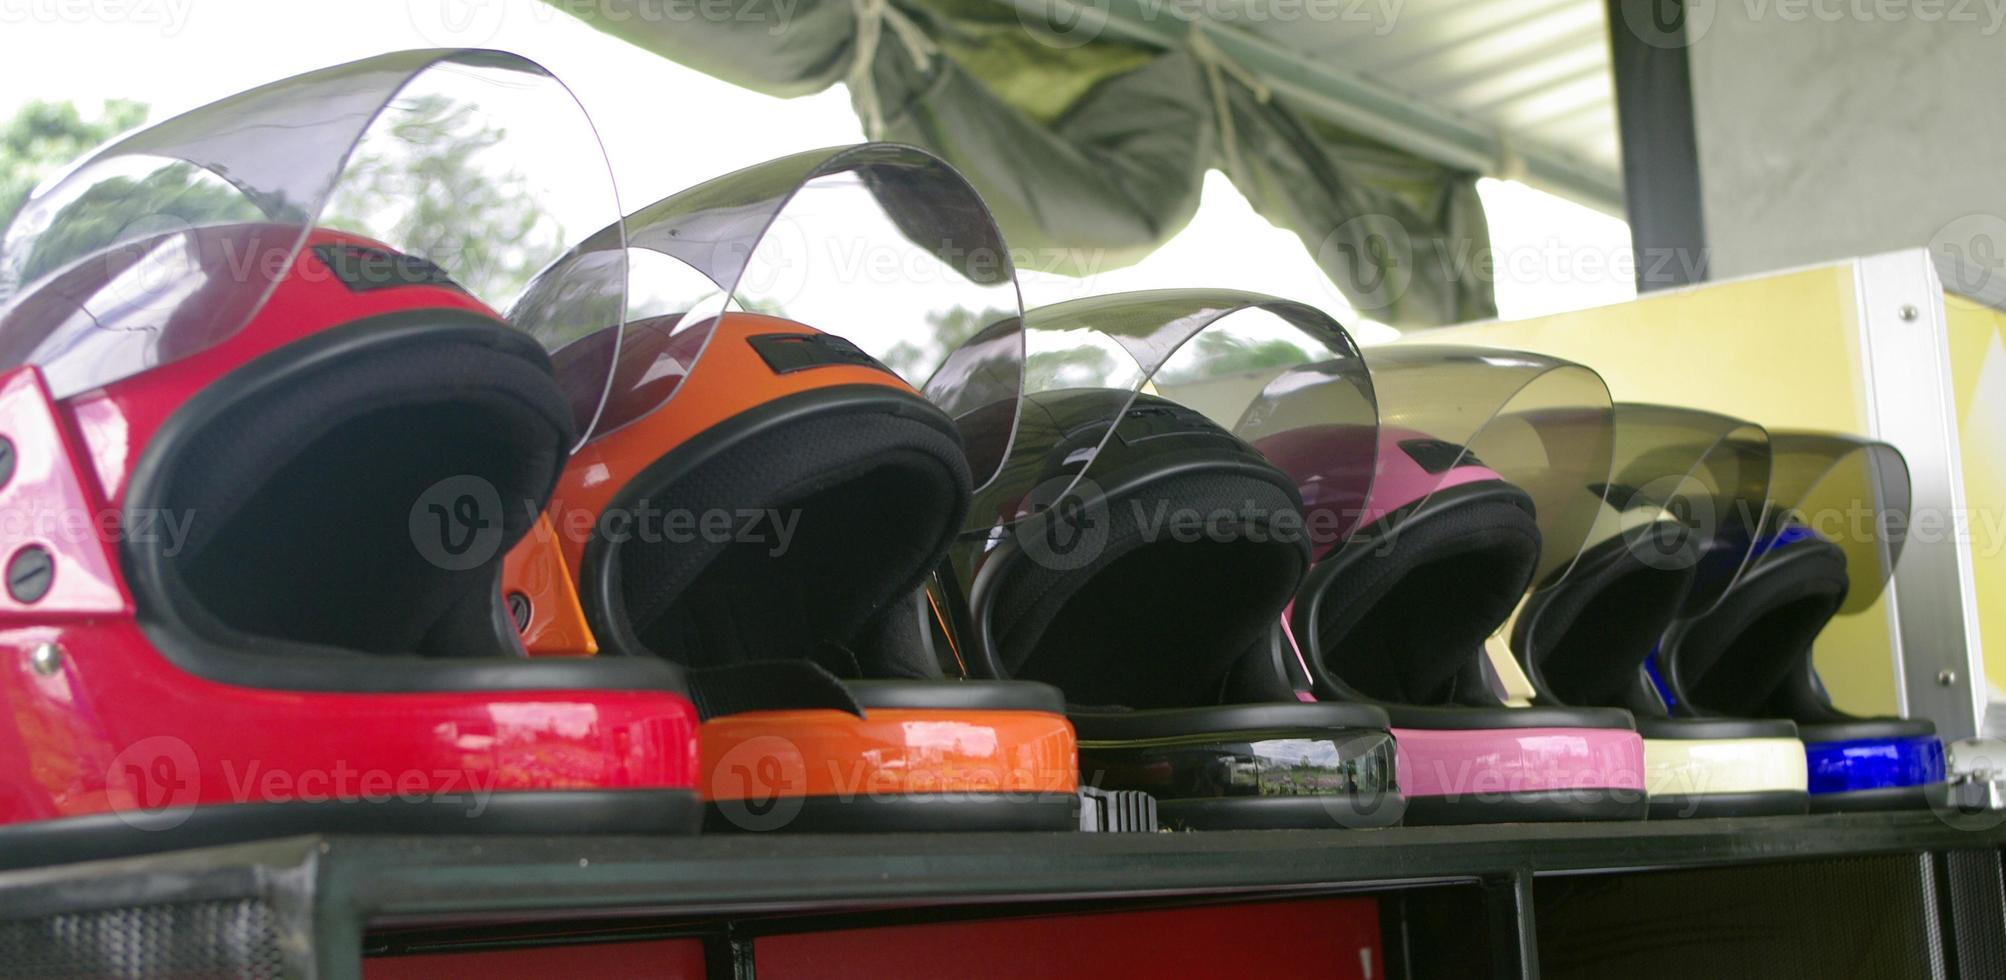 casques de vélo colorés photo